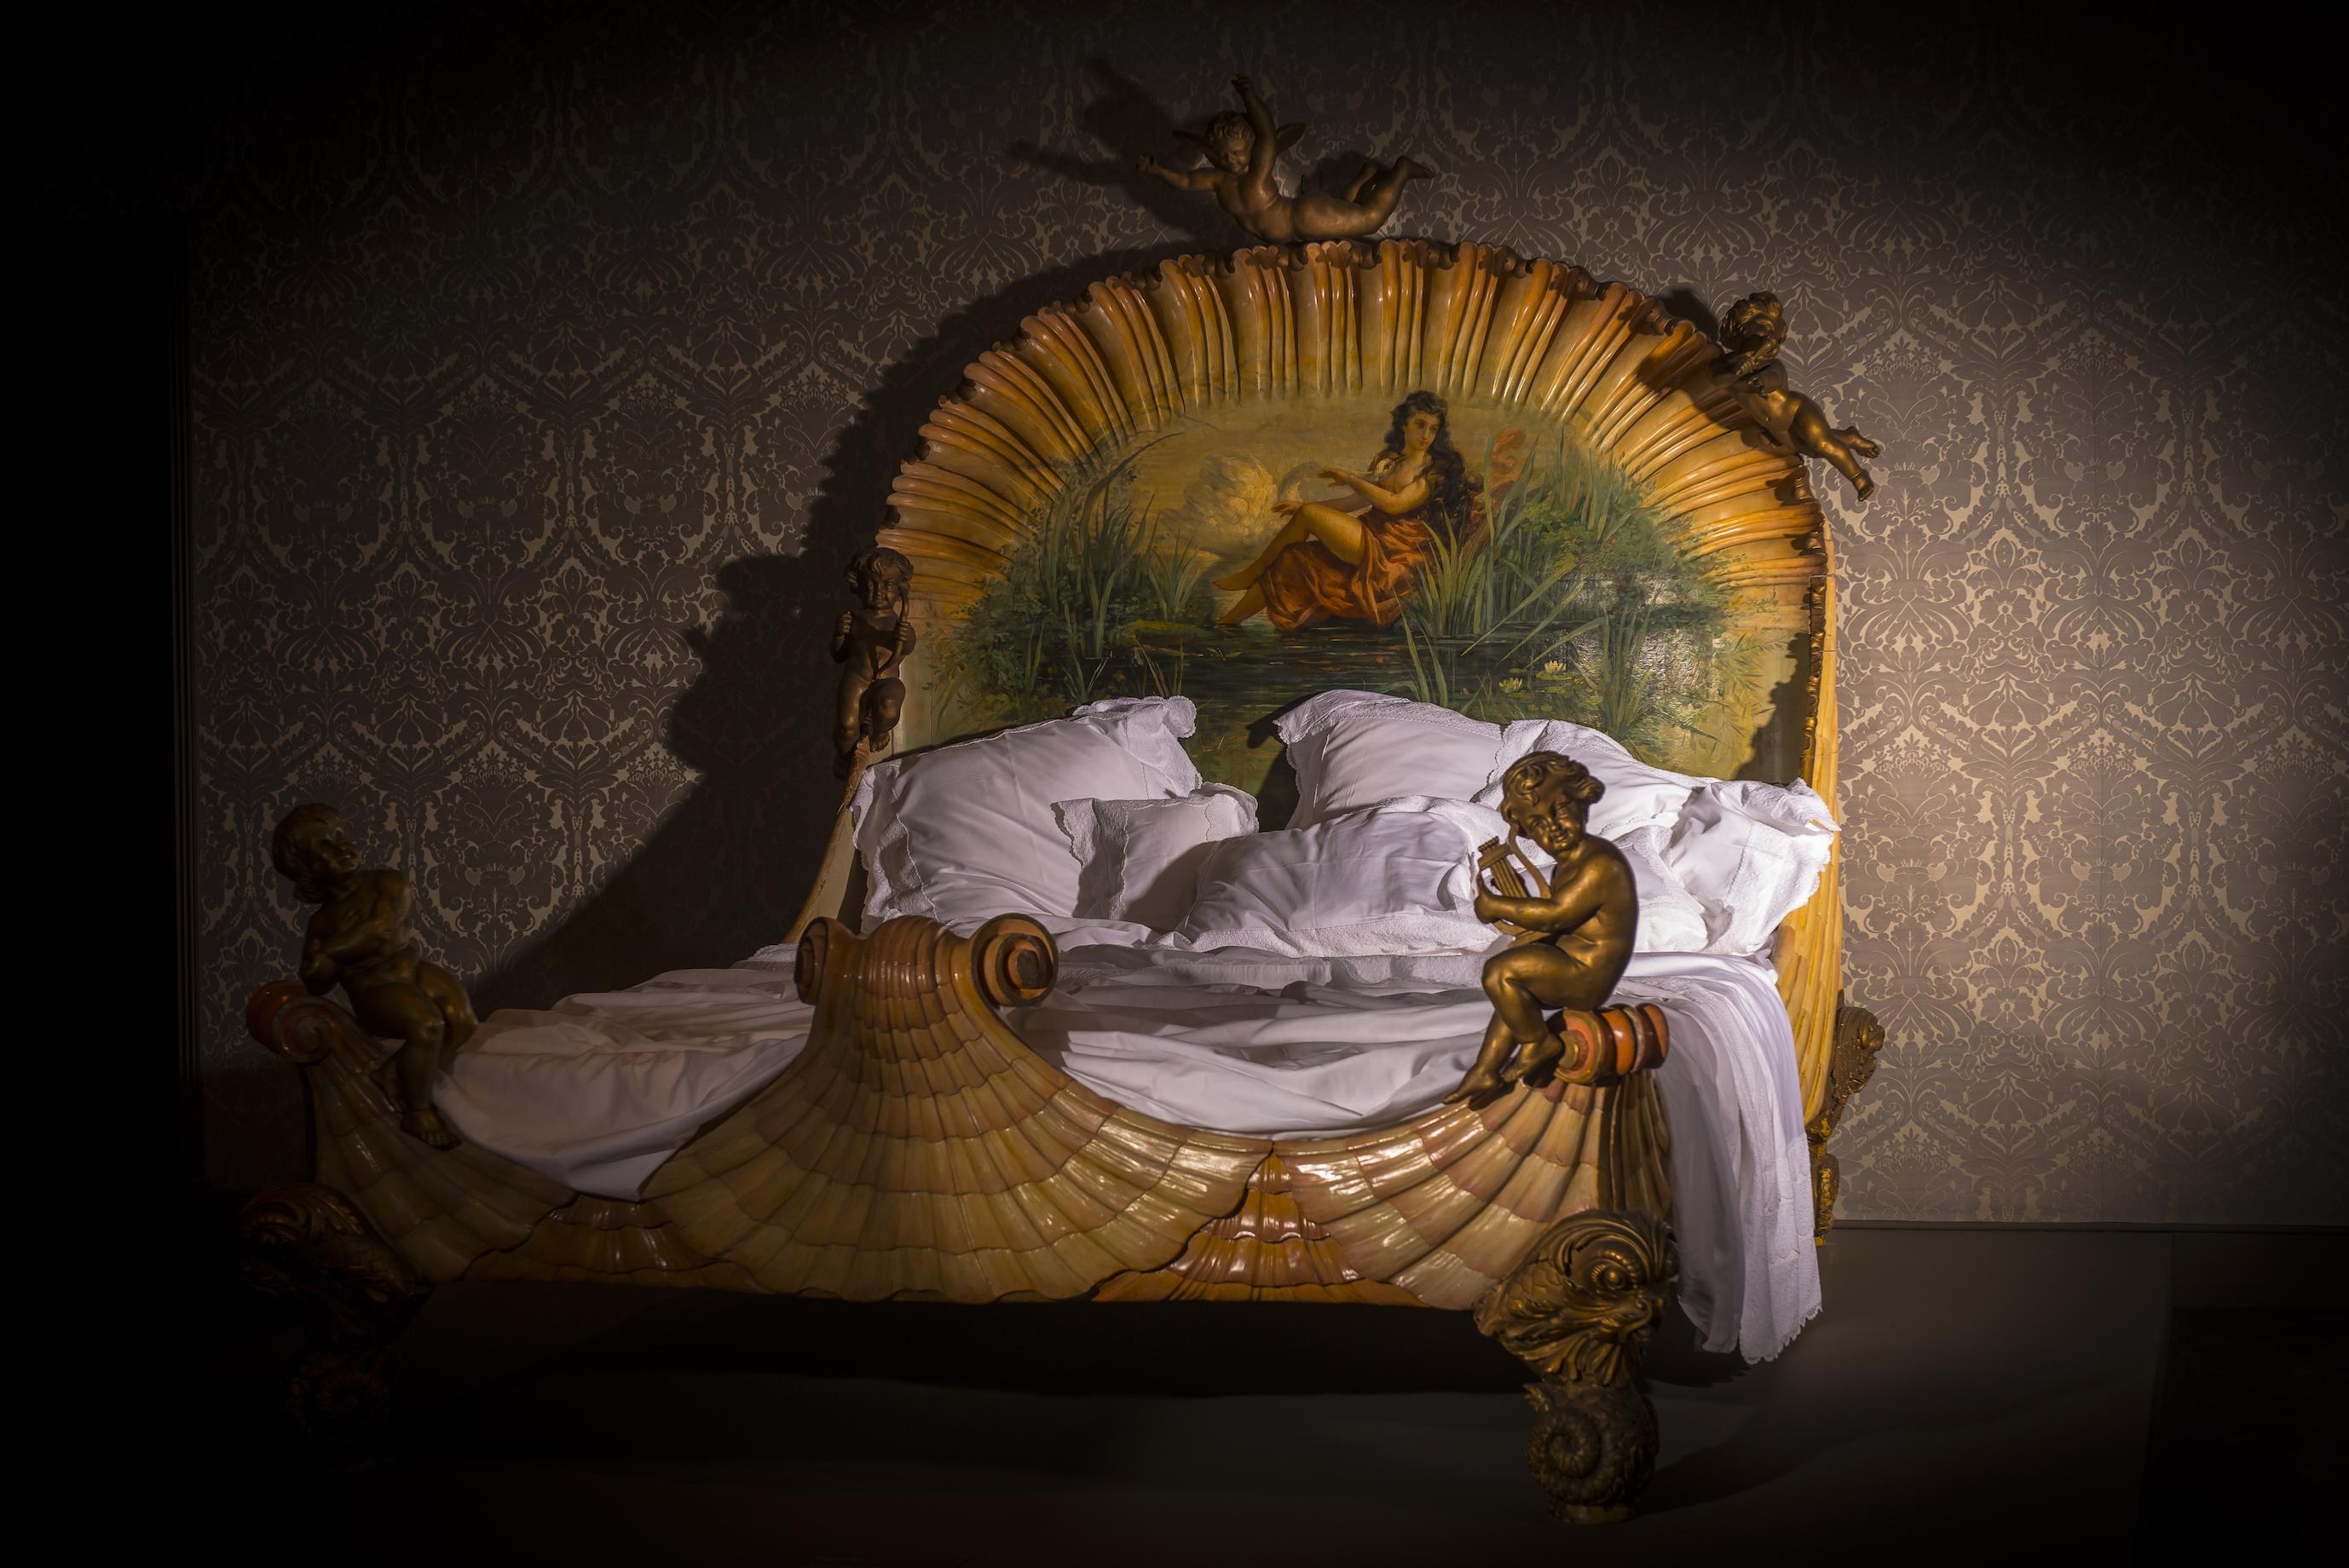 Bed, na 1860, Ville de Neuilly-sur-Seine. Vermoedelijk afkomstig uit bordeel